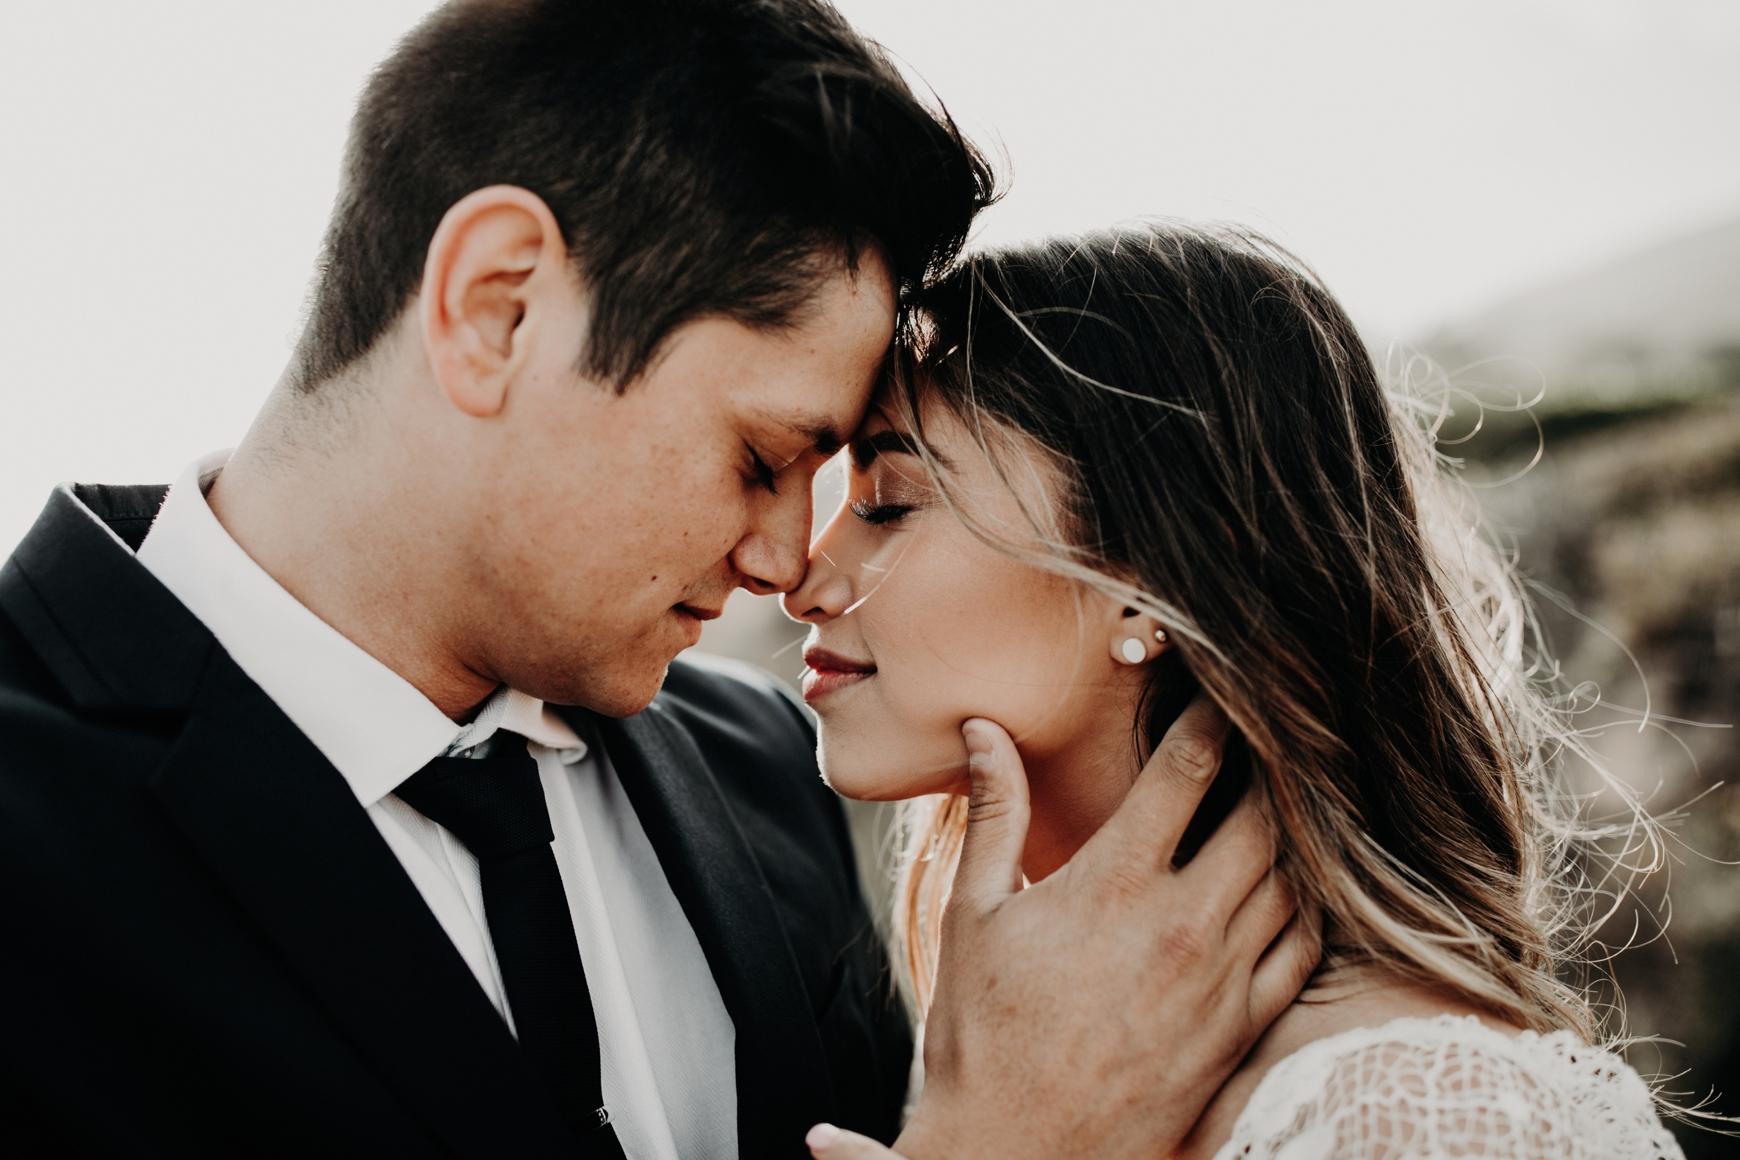 El Matador Beach Bridal Portraits Justellen & TJ Emily Magers Photography-54Emily Magers Photography.jpg